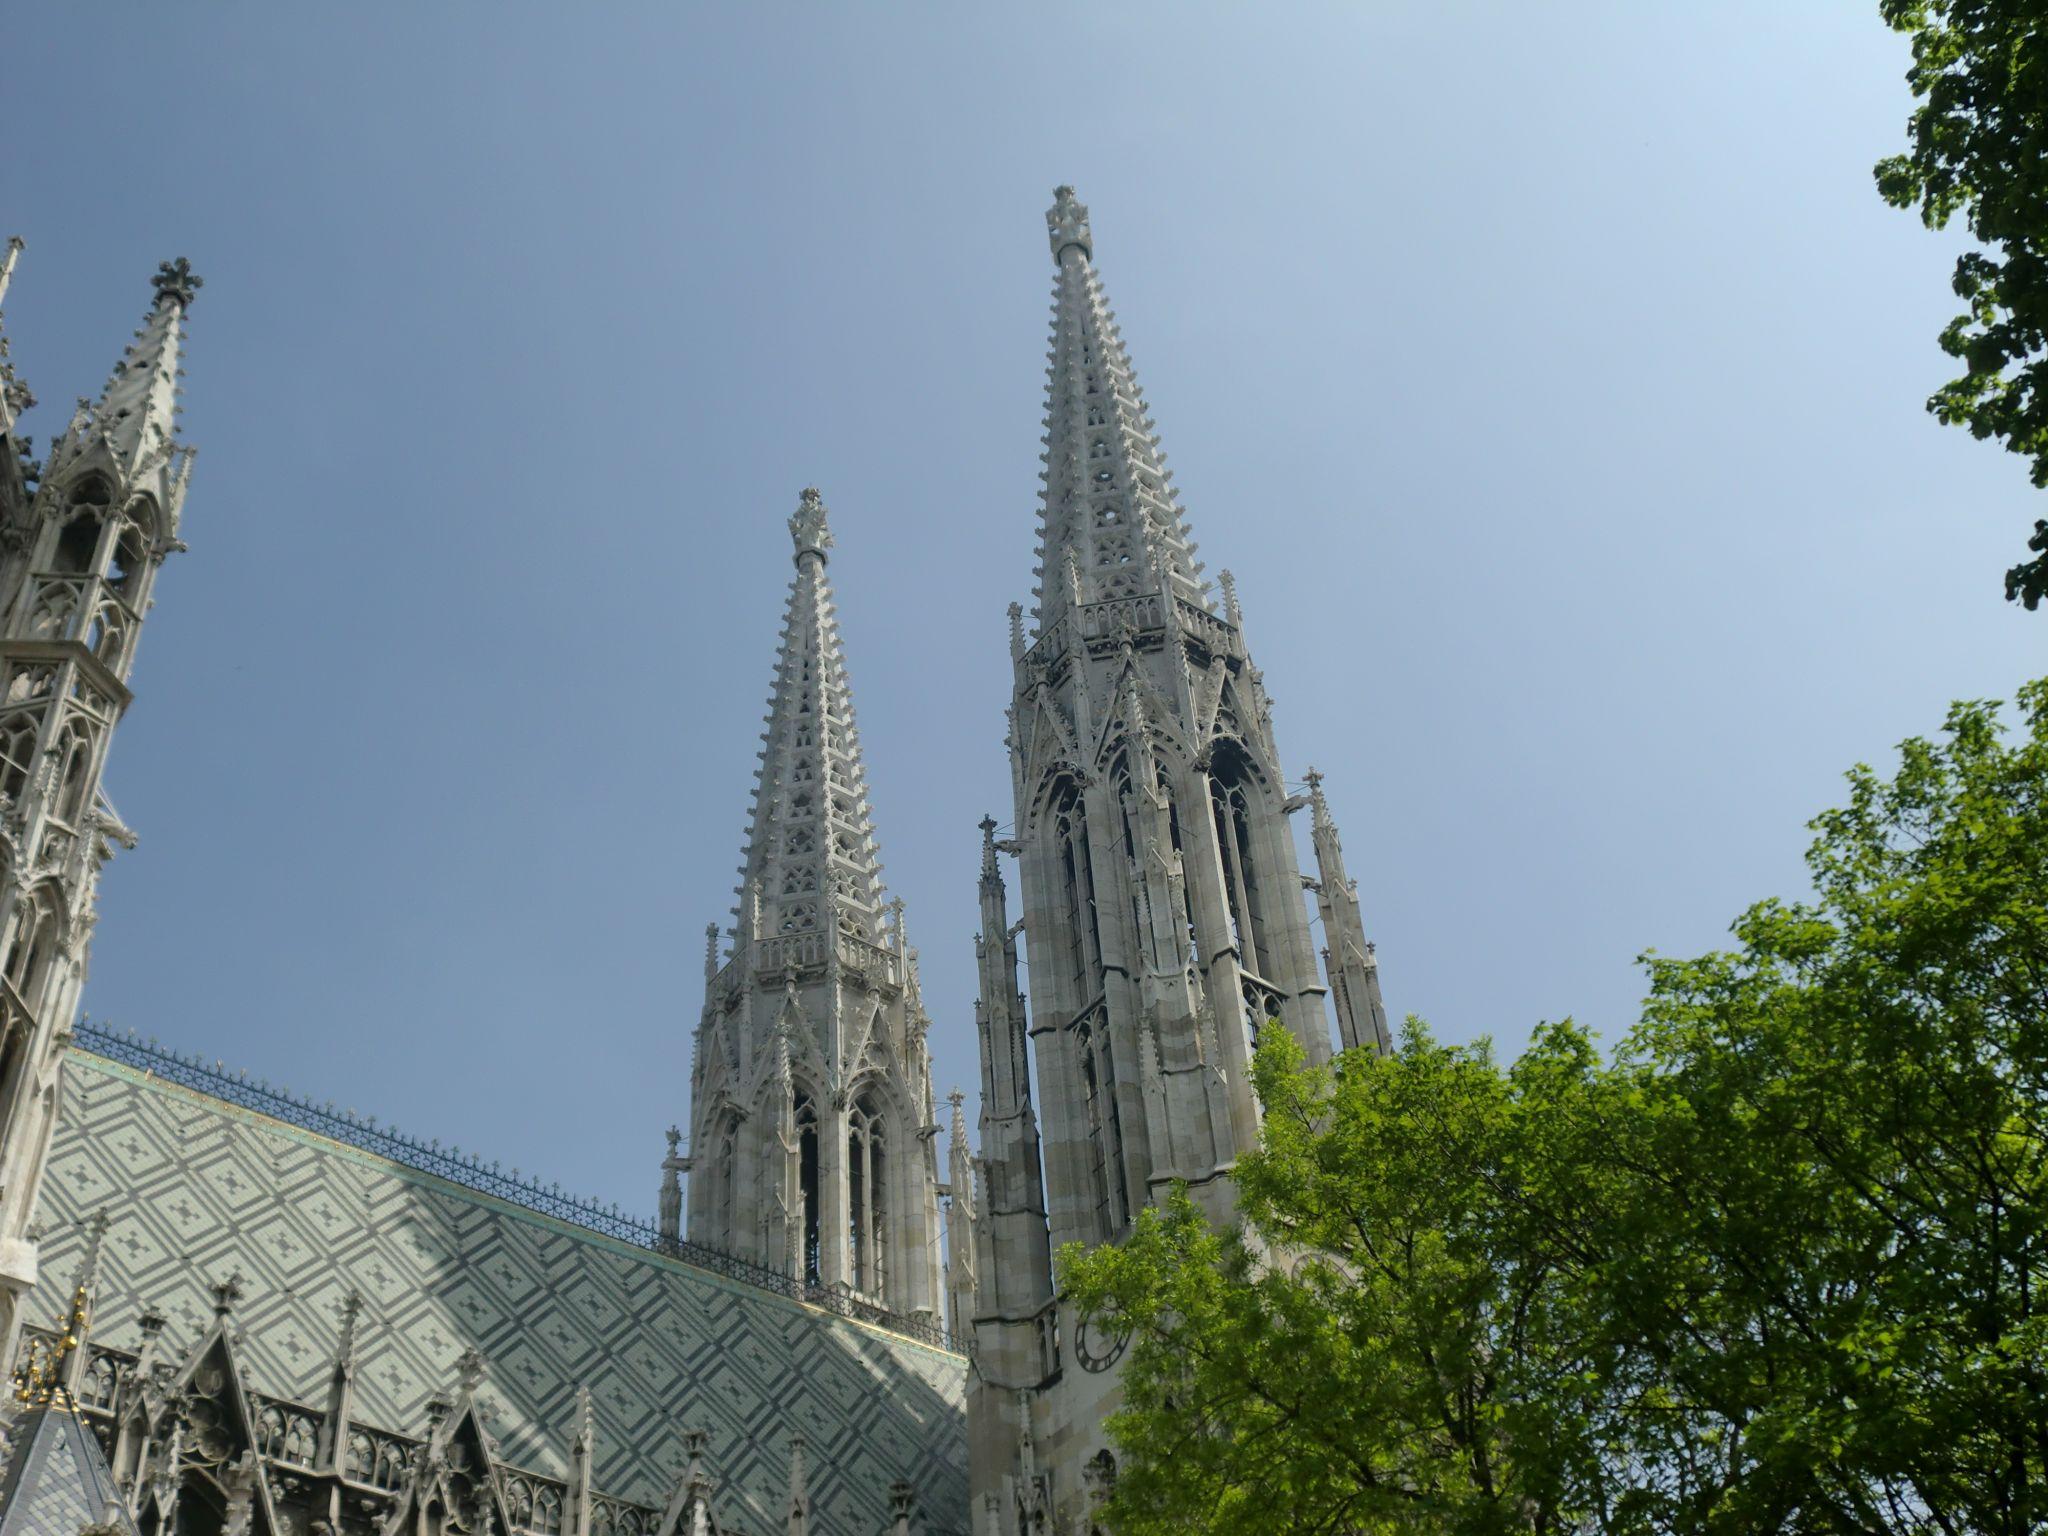 Vienna cathedral 53 1440x1080 - Vienna: elegant beauty